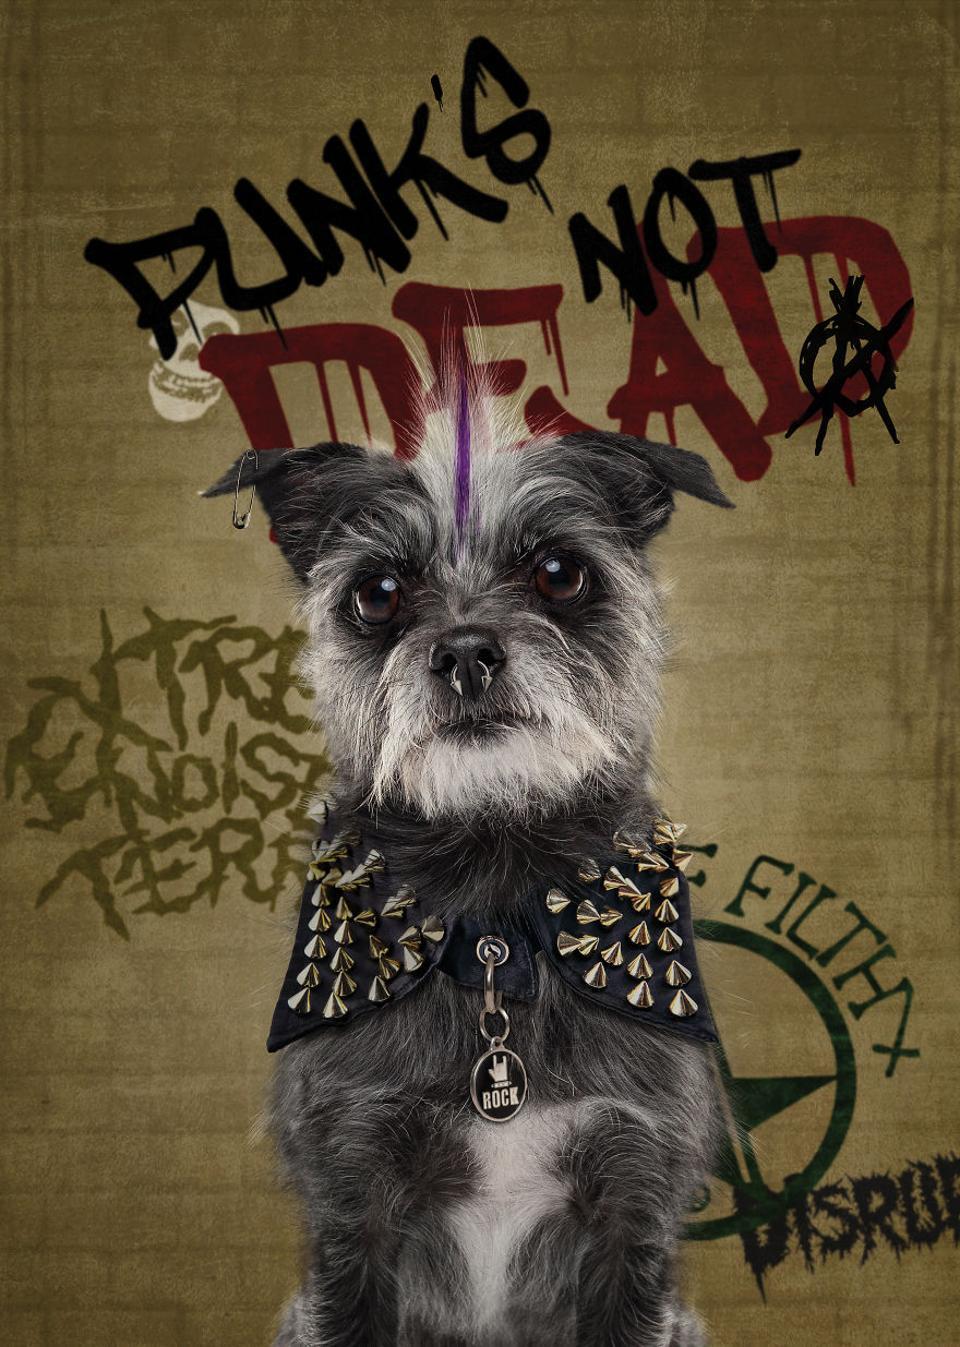 A dog as a punk